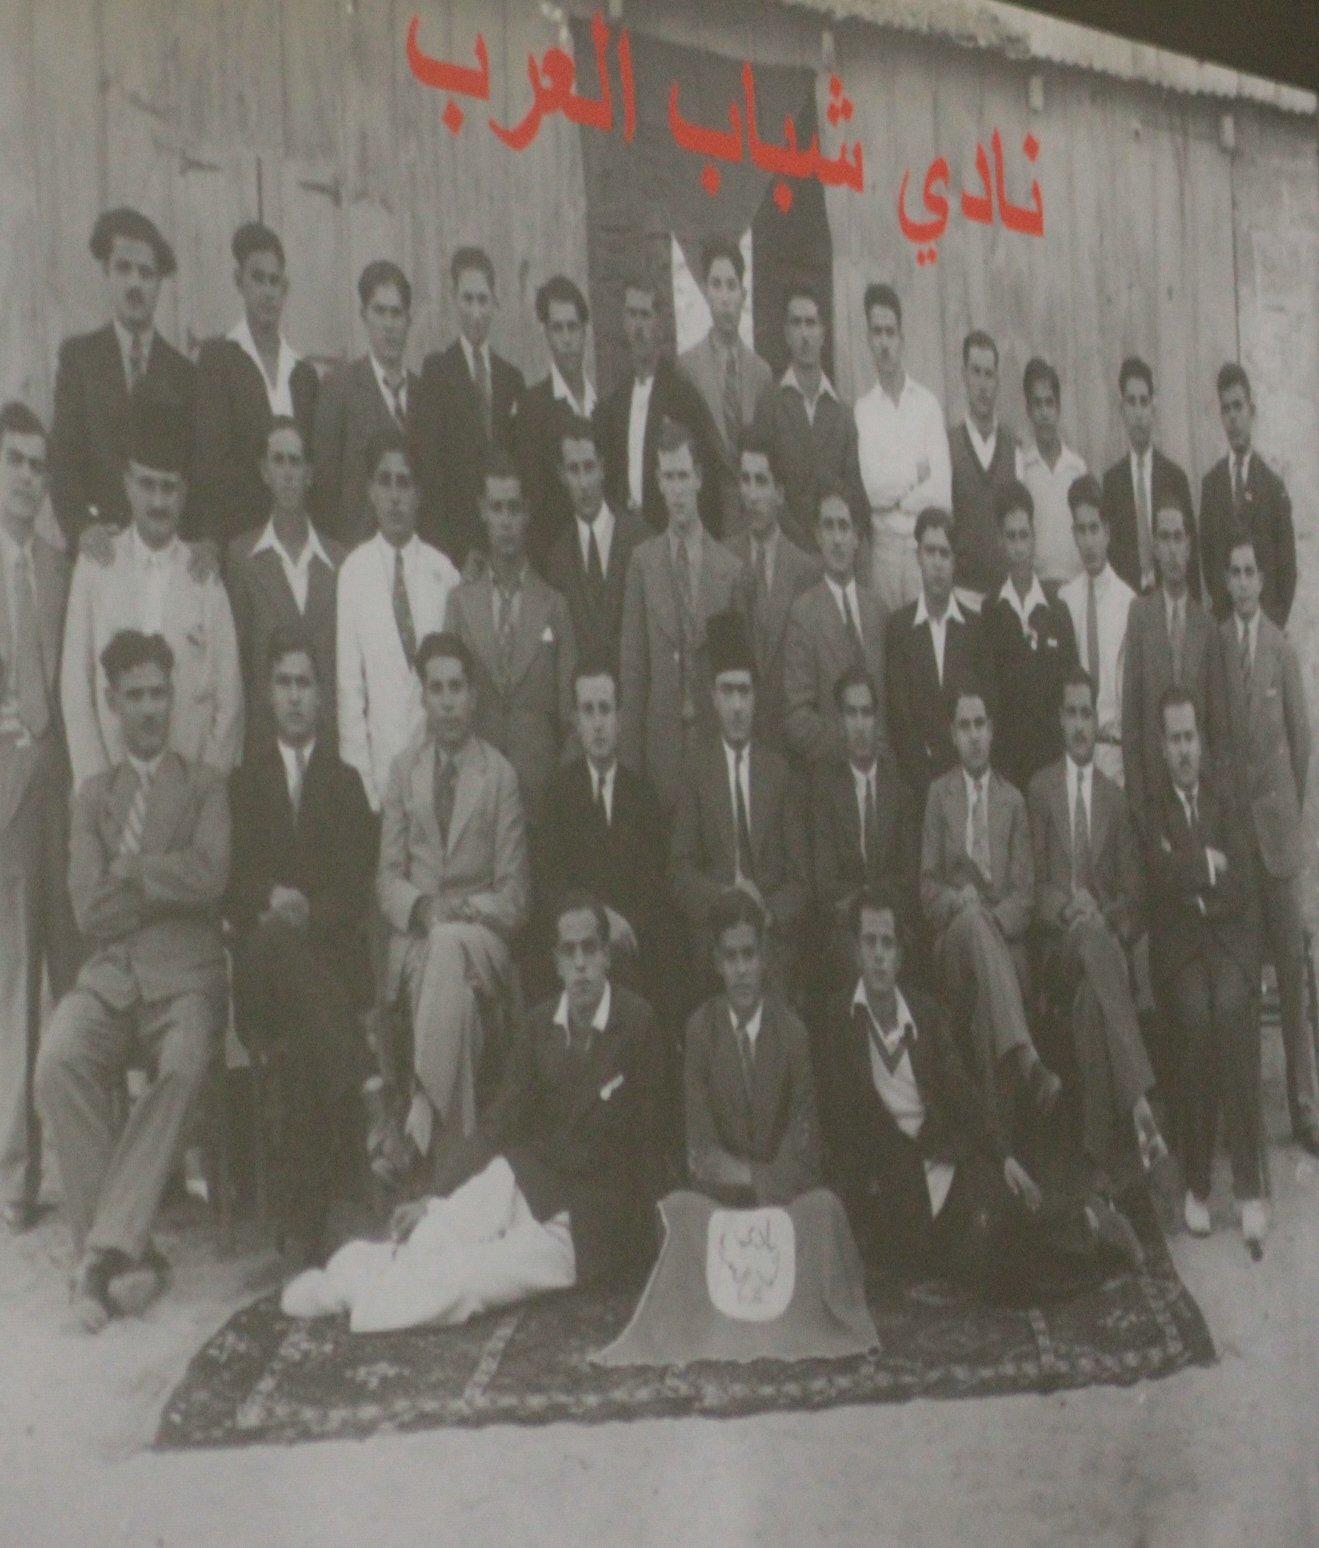 سقوط حيفا: لولا المؤامرة لكانت المدينة أهم العواصم!